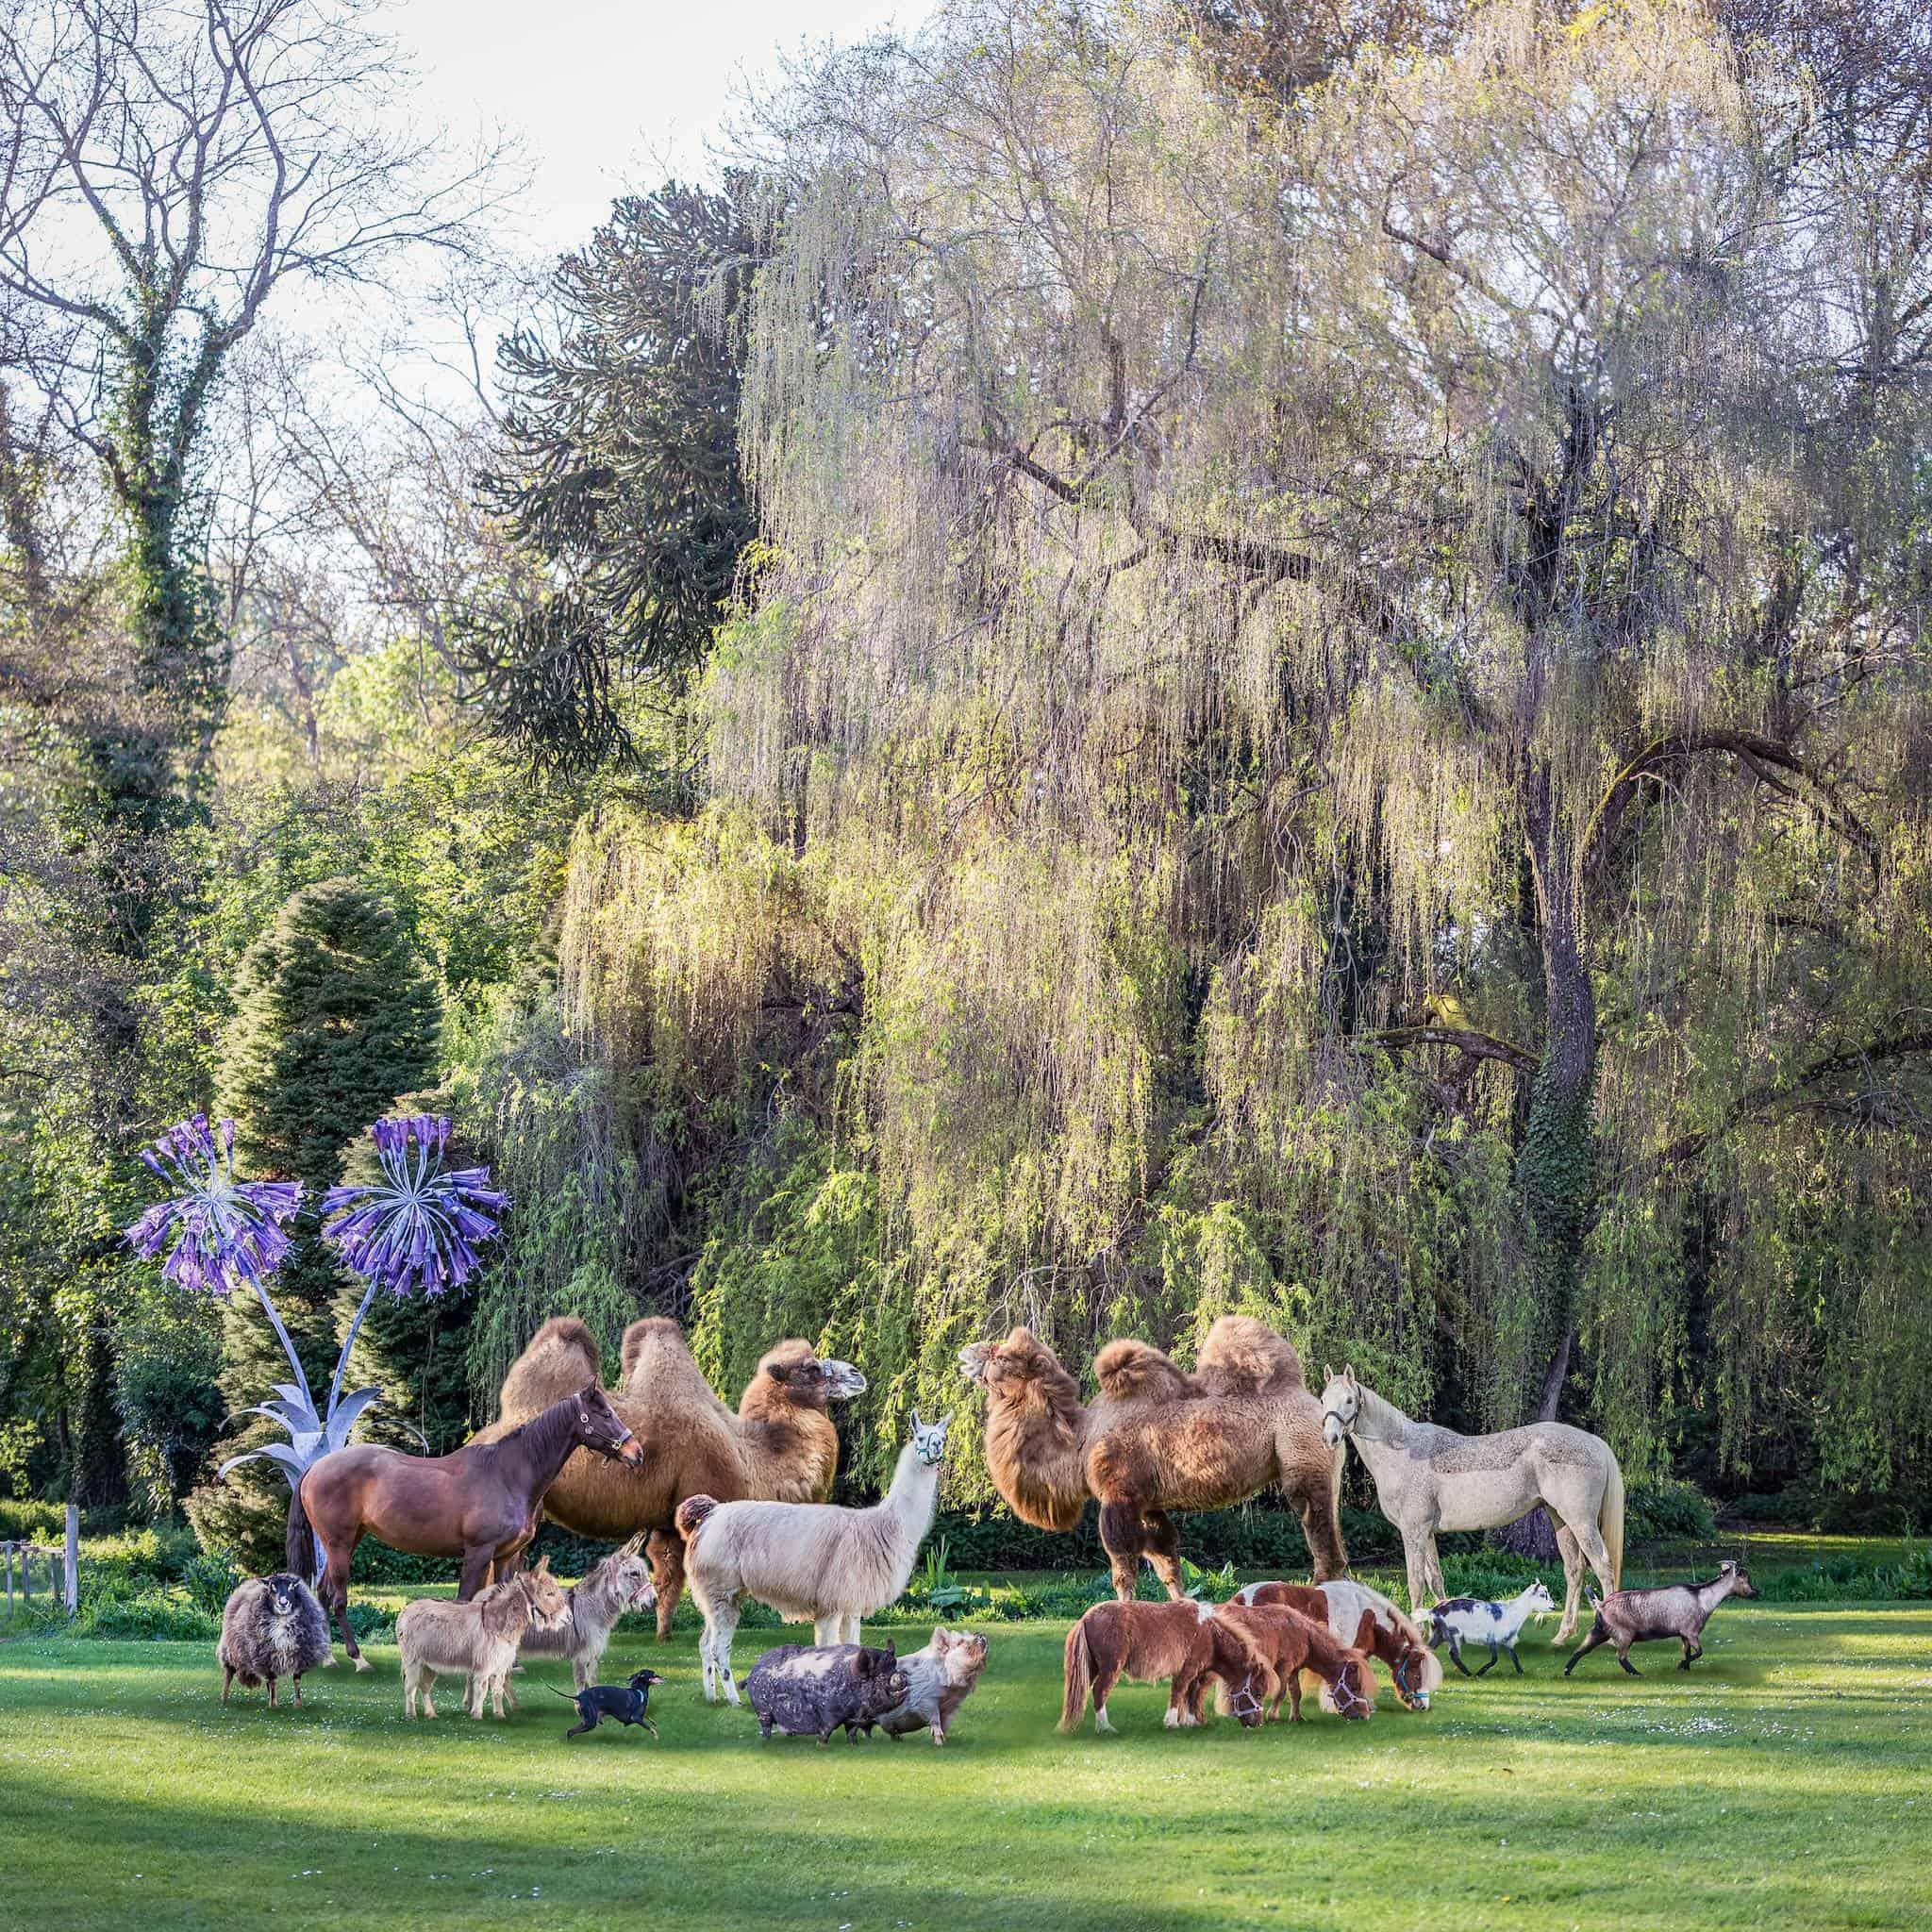 equine camel horse pig llama donkey sheep pig portrait zoo photographer